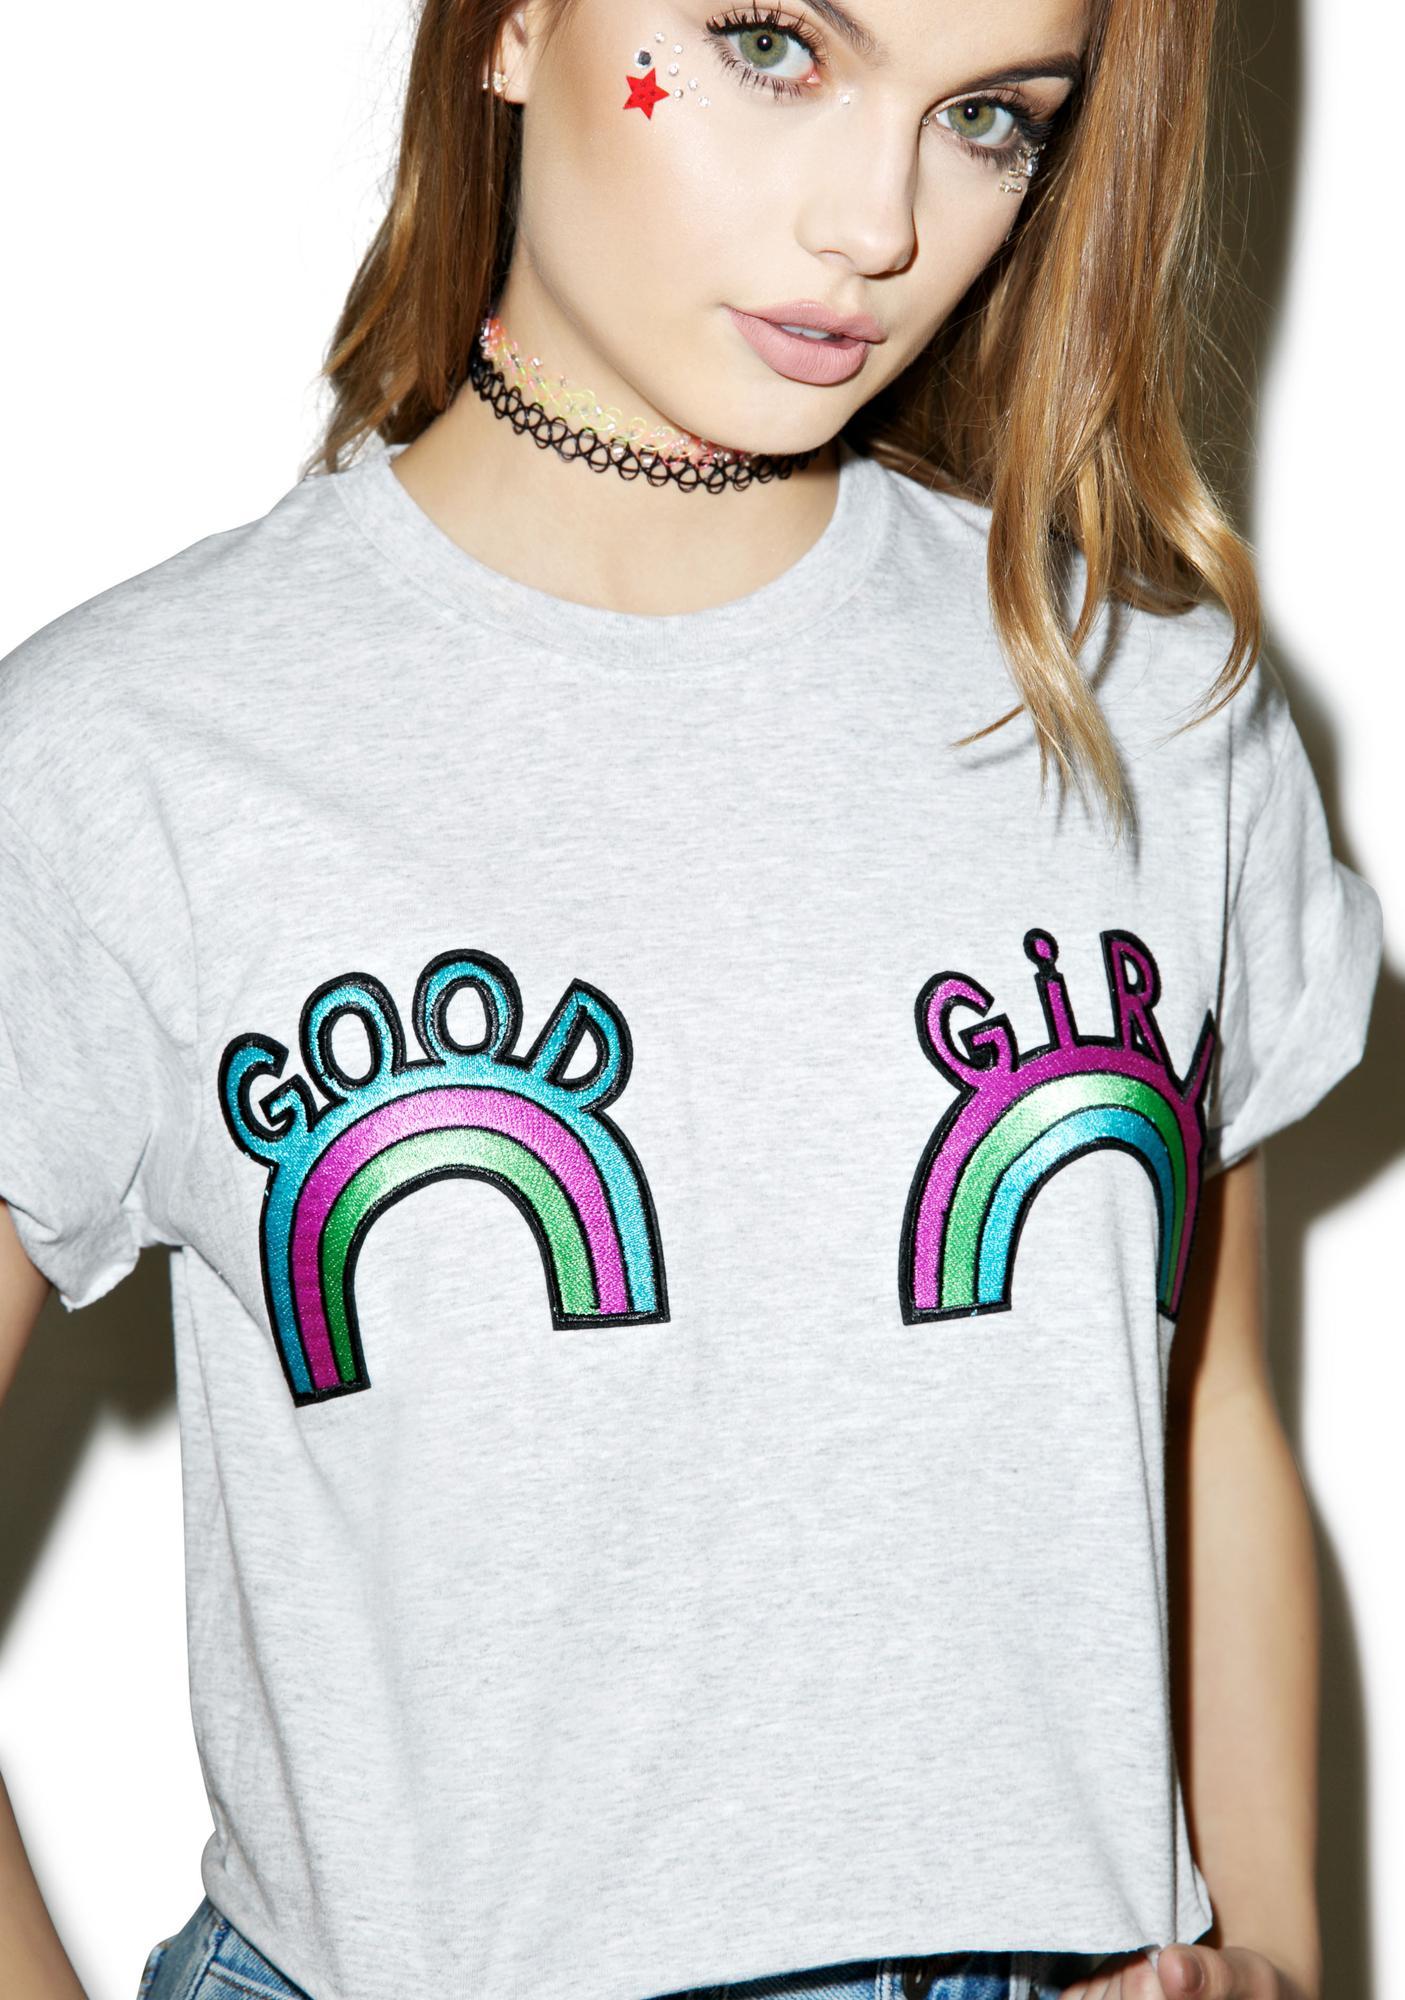 Good Girl Vs Bad Girl Makeup Good: The Ragged Priest Good Girl Crop Tee